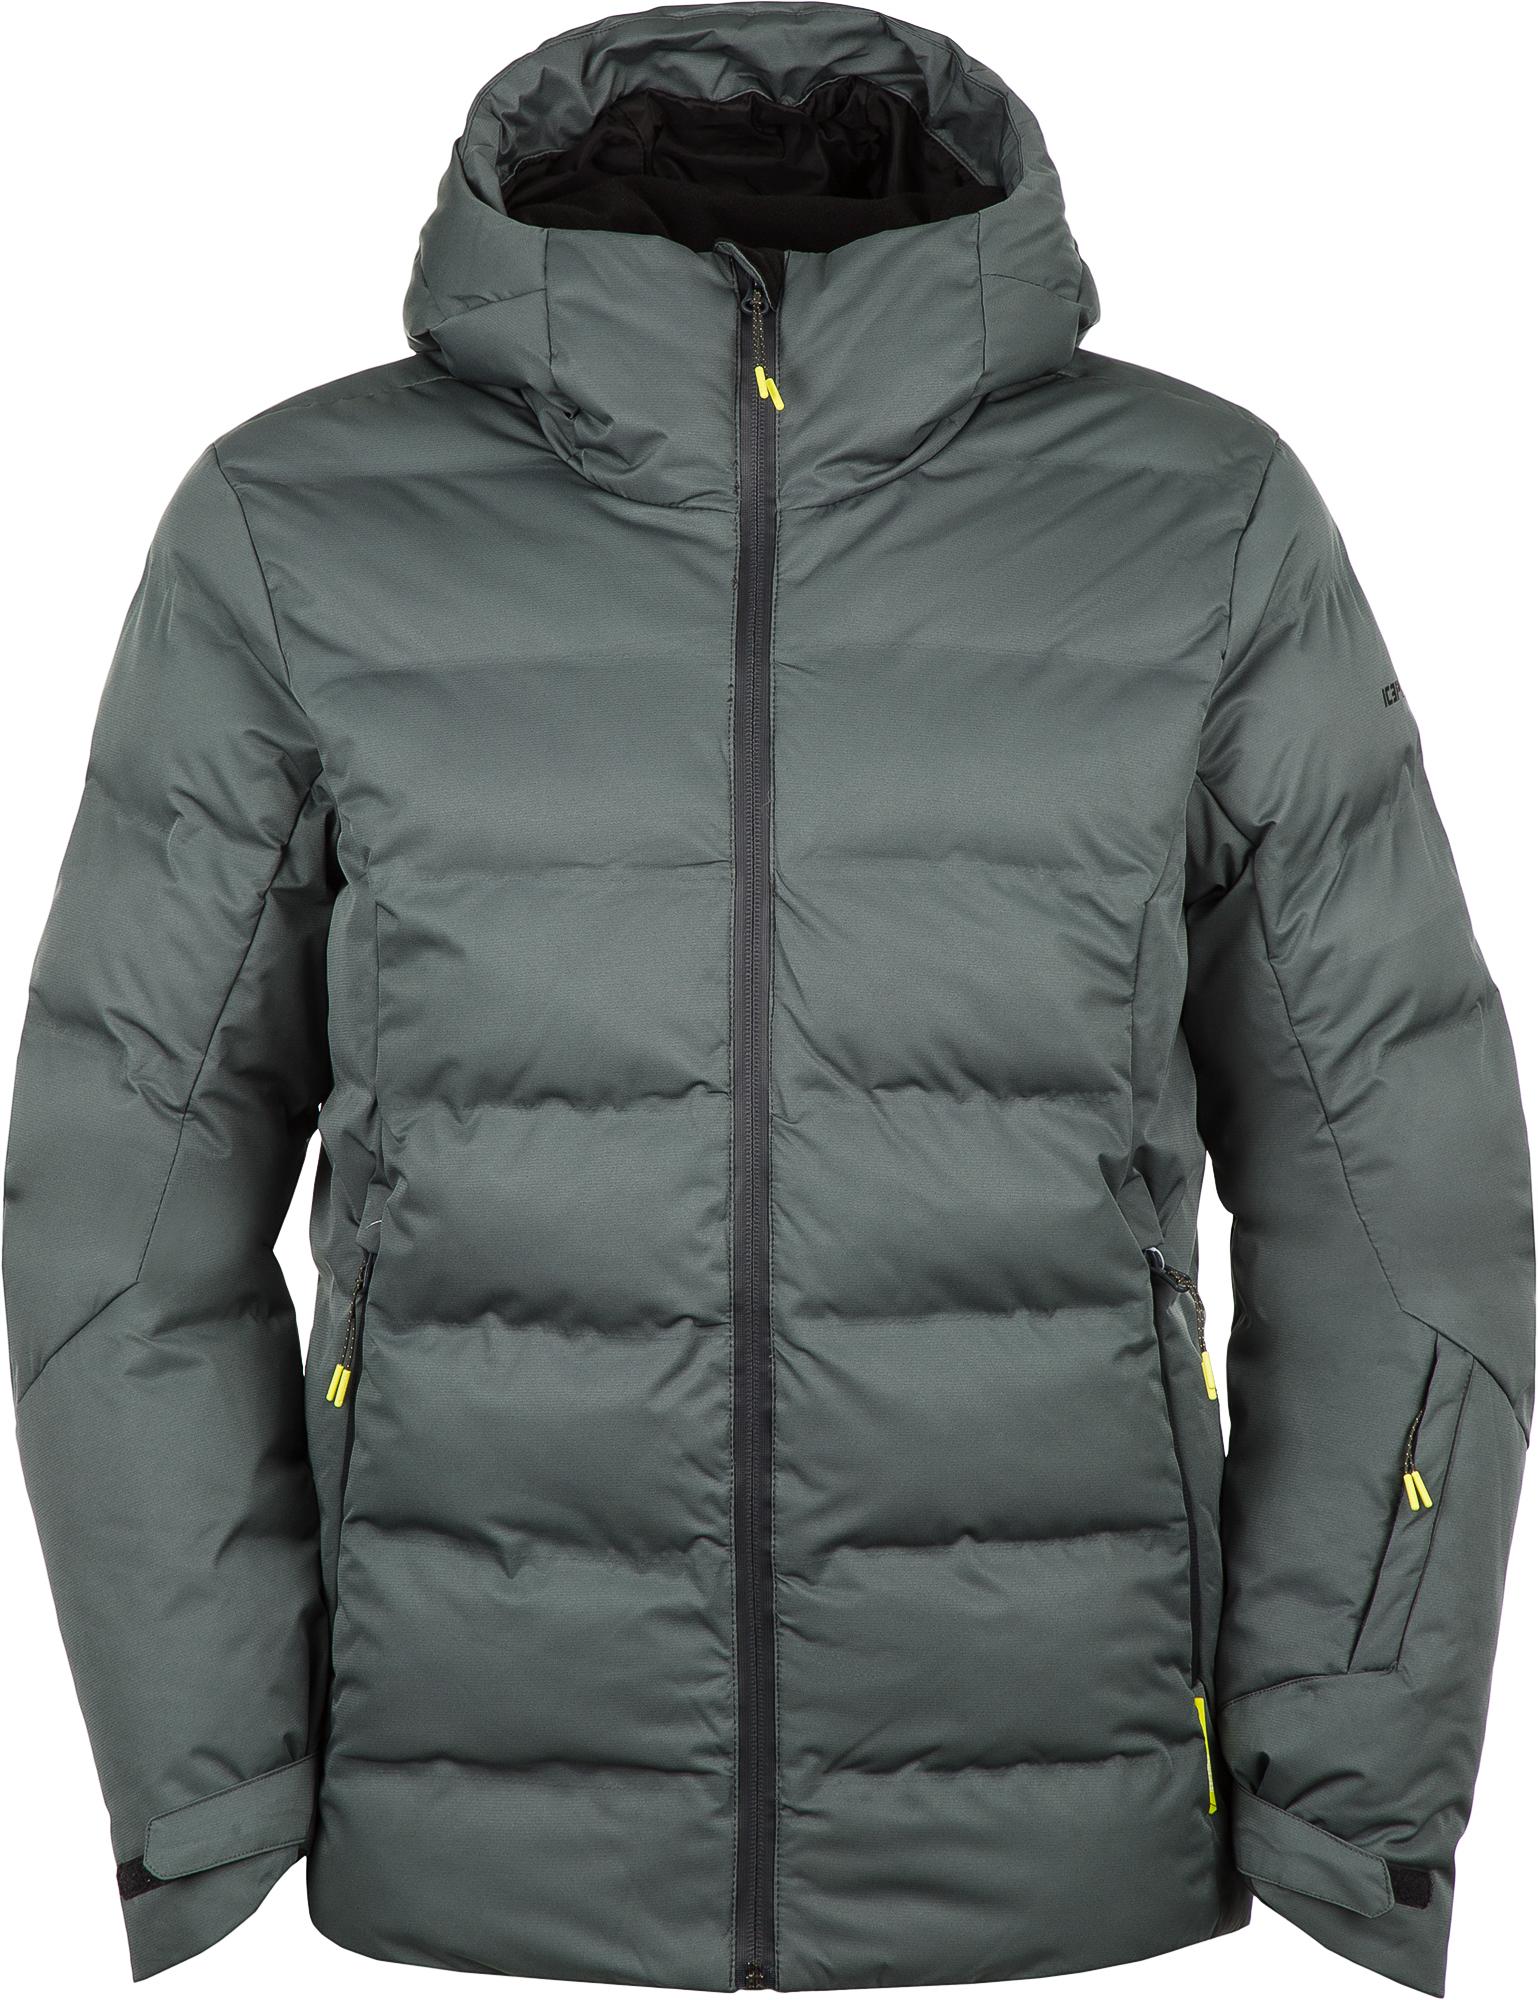 IcePeak Куртка утепленная мужская IcePeak Colden, размер 54